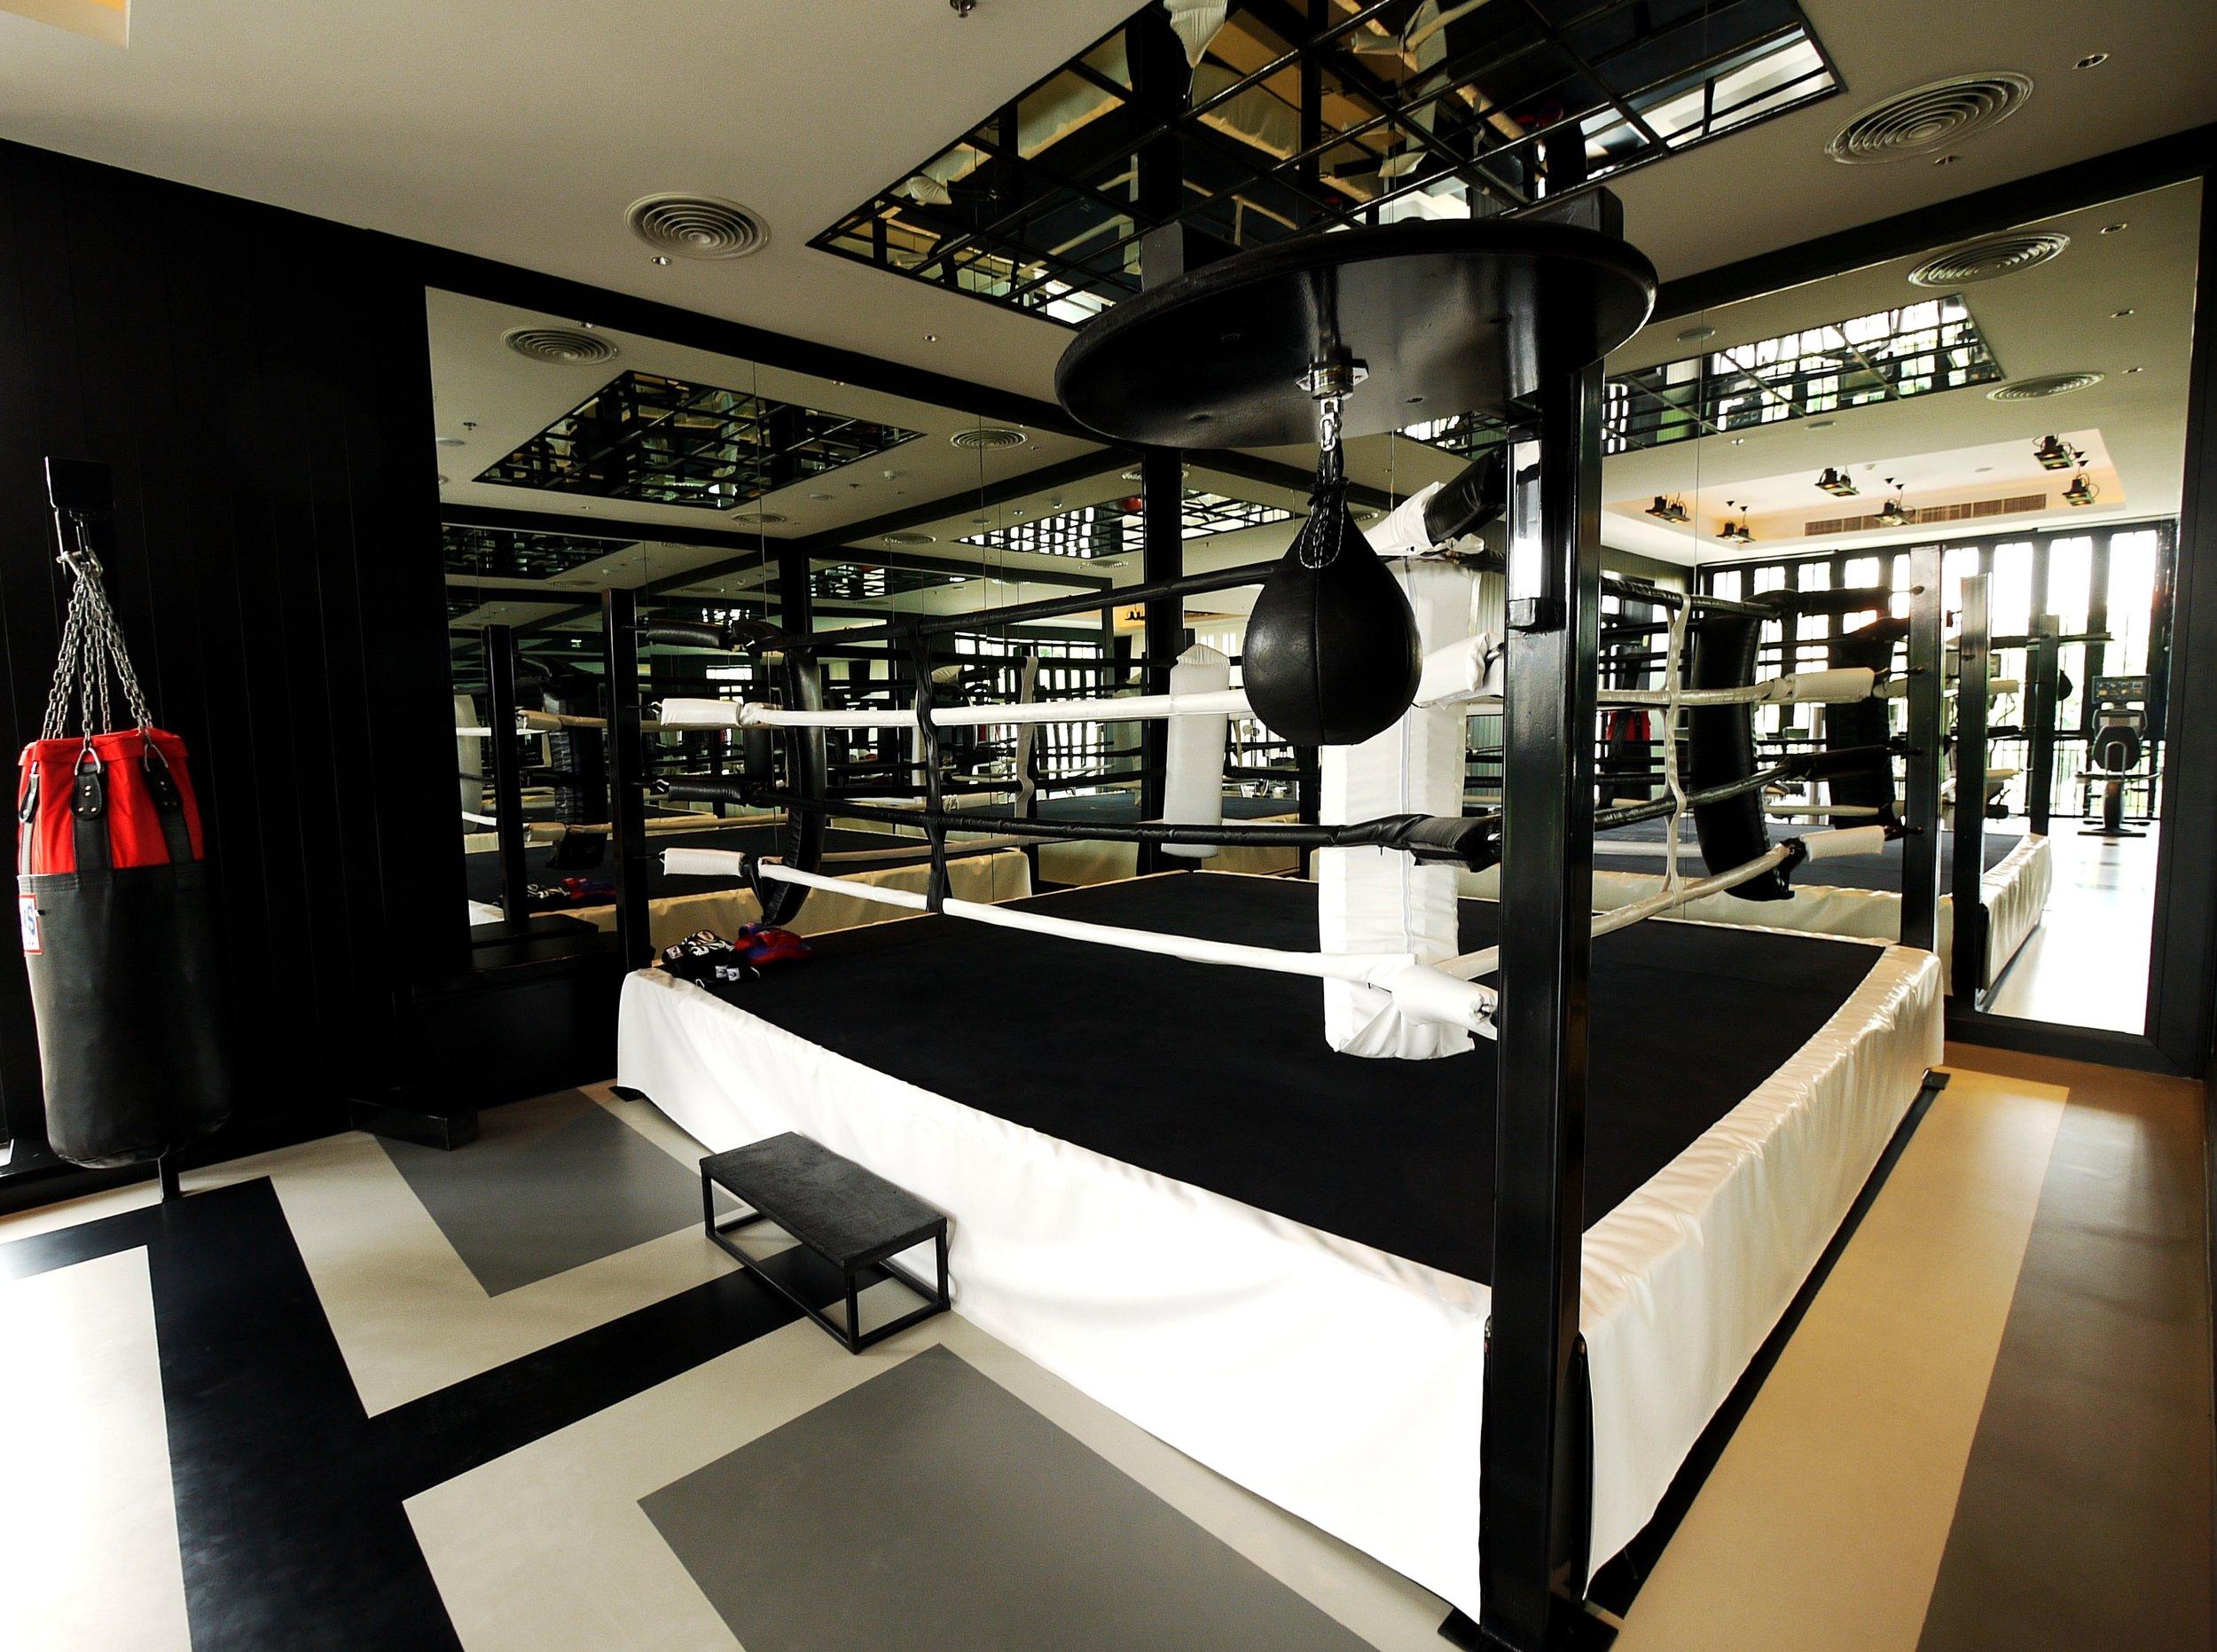 Gym - Muay Thai Boxing ring.jpg